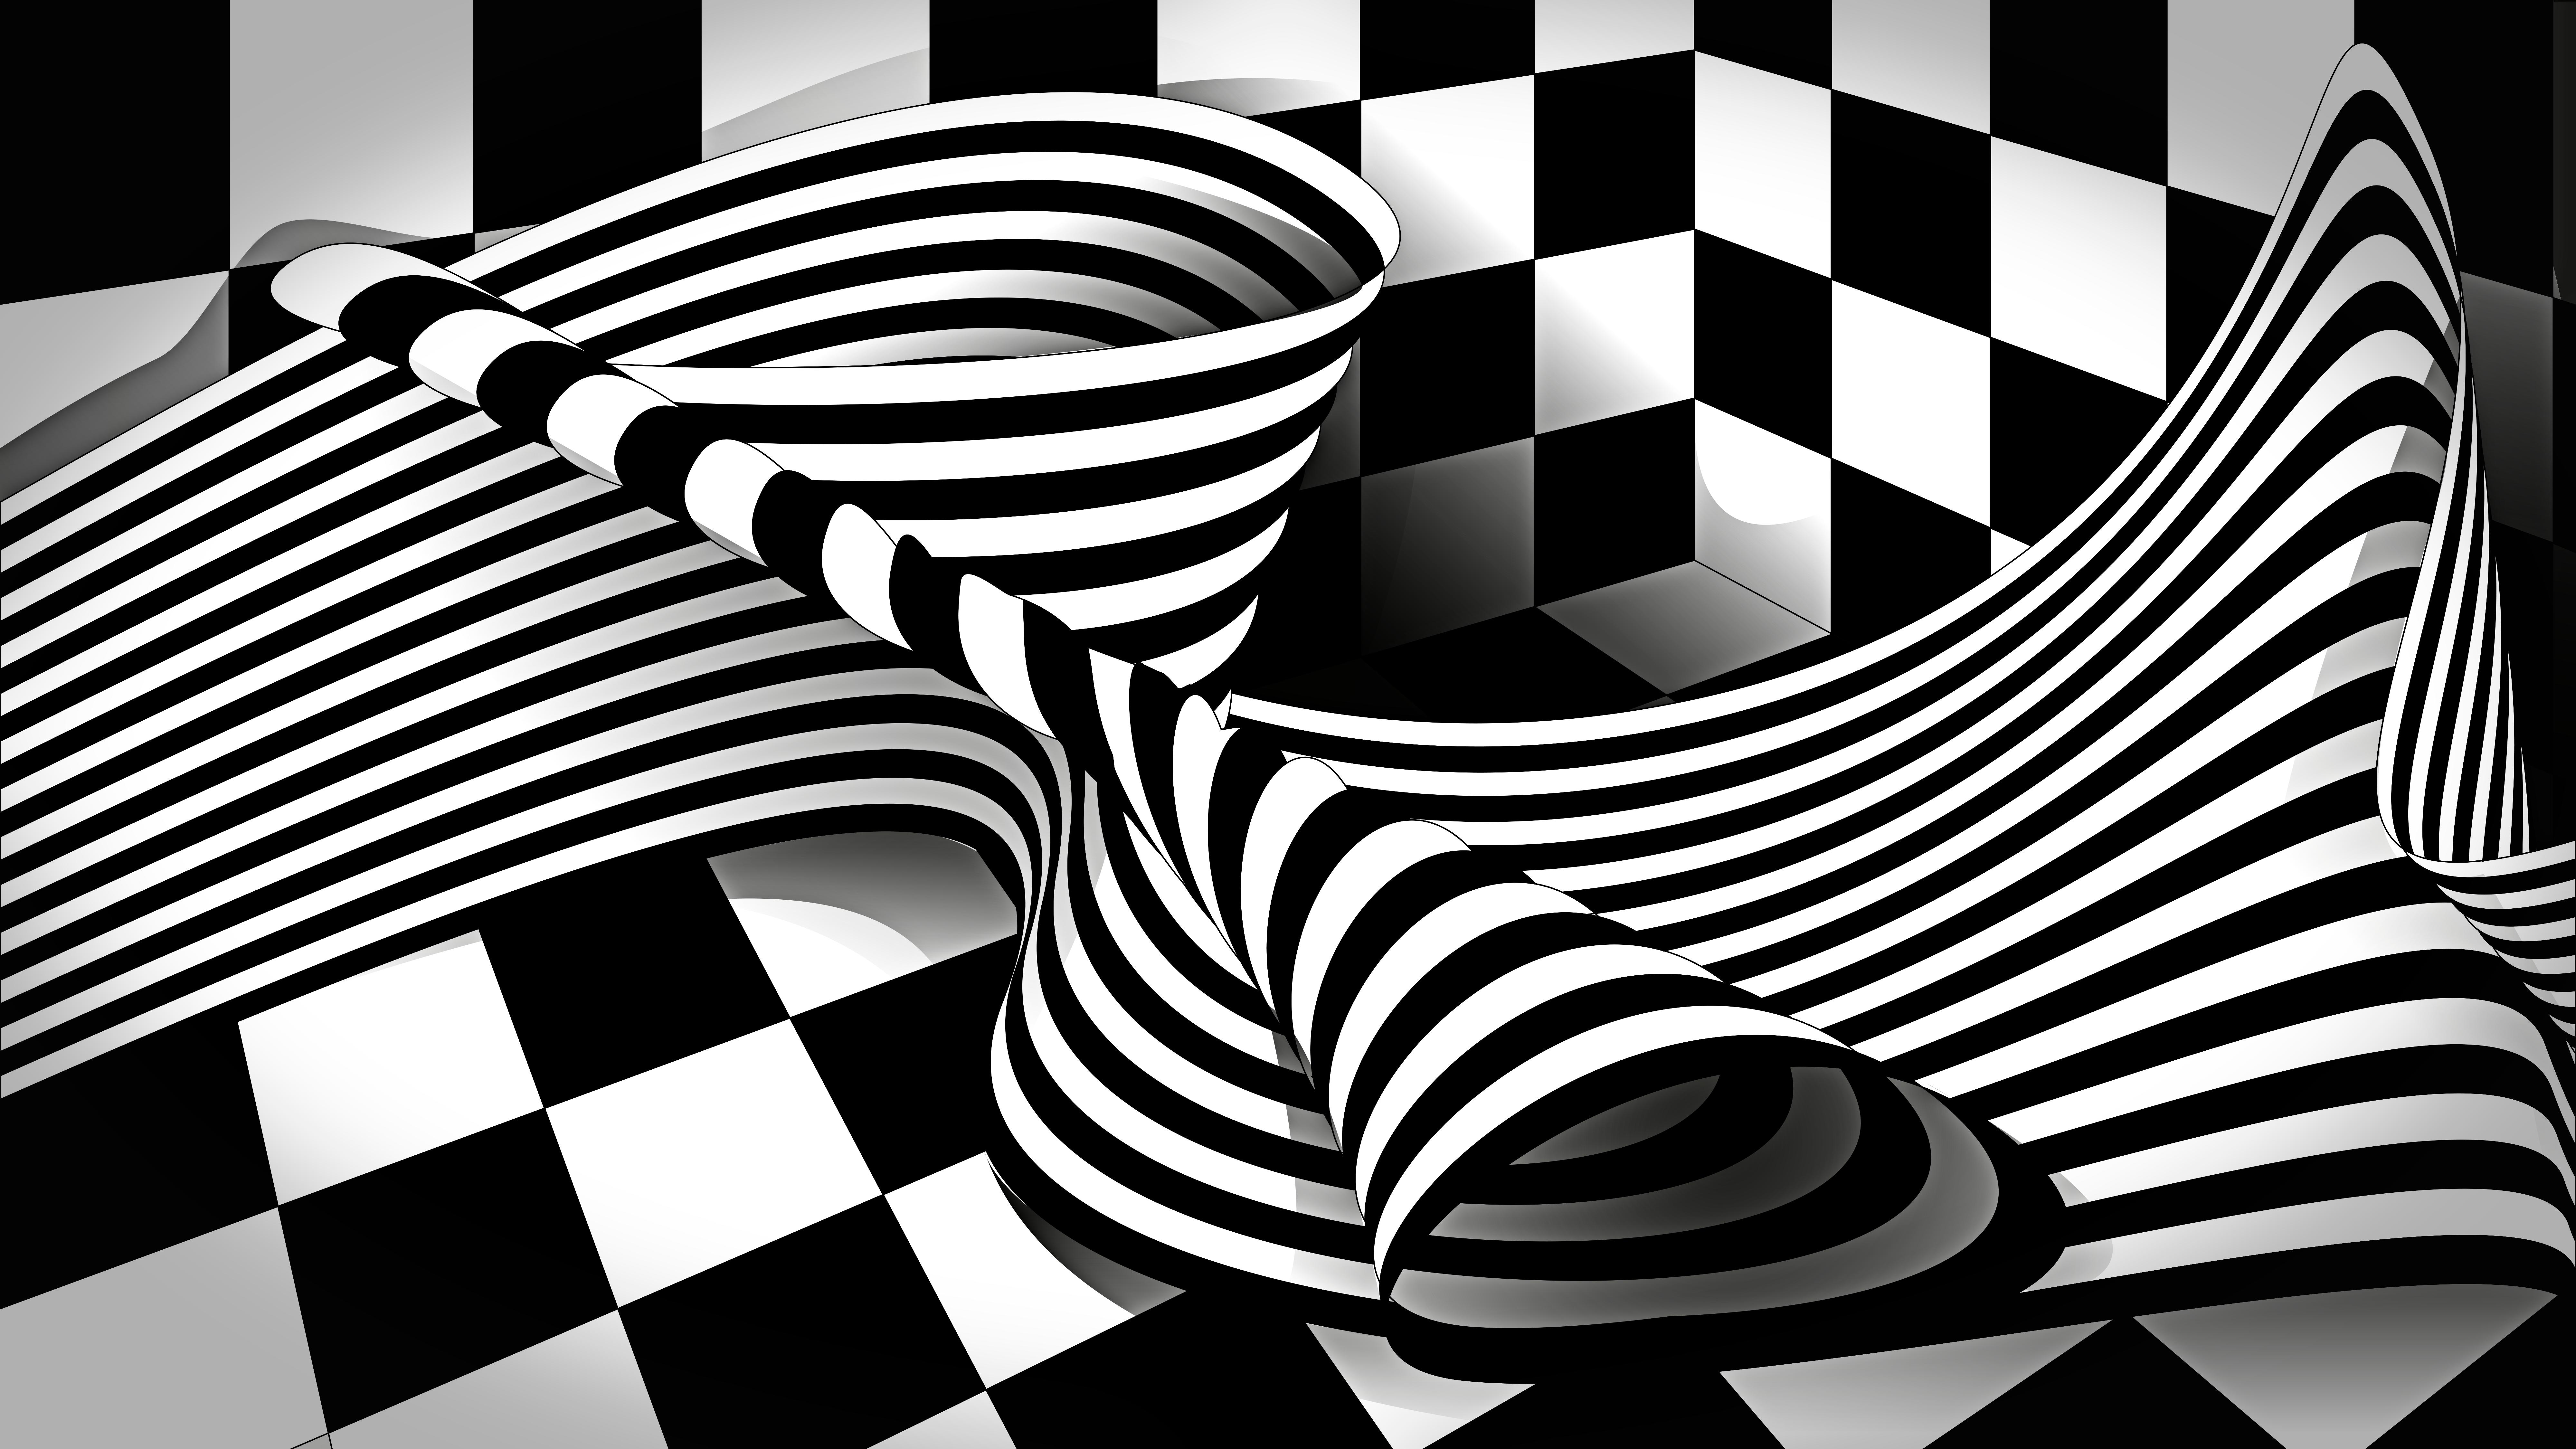 Art Design Pictures : 图片素材 黑与白 模式 线 字体 对称 图形 产品设计 单色摄影 股票摄影 电脑壁纸